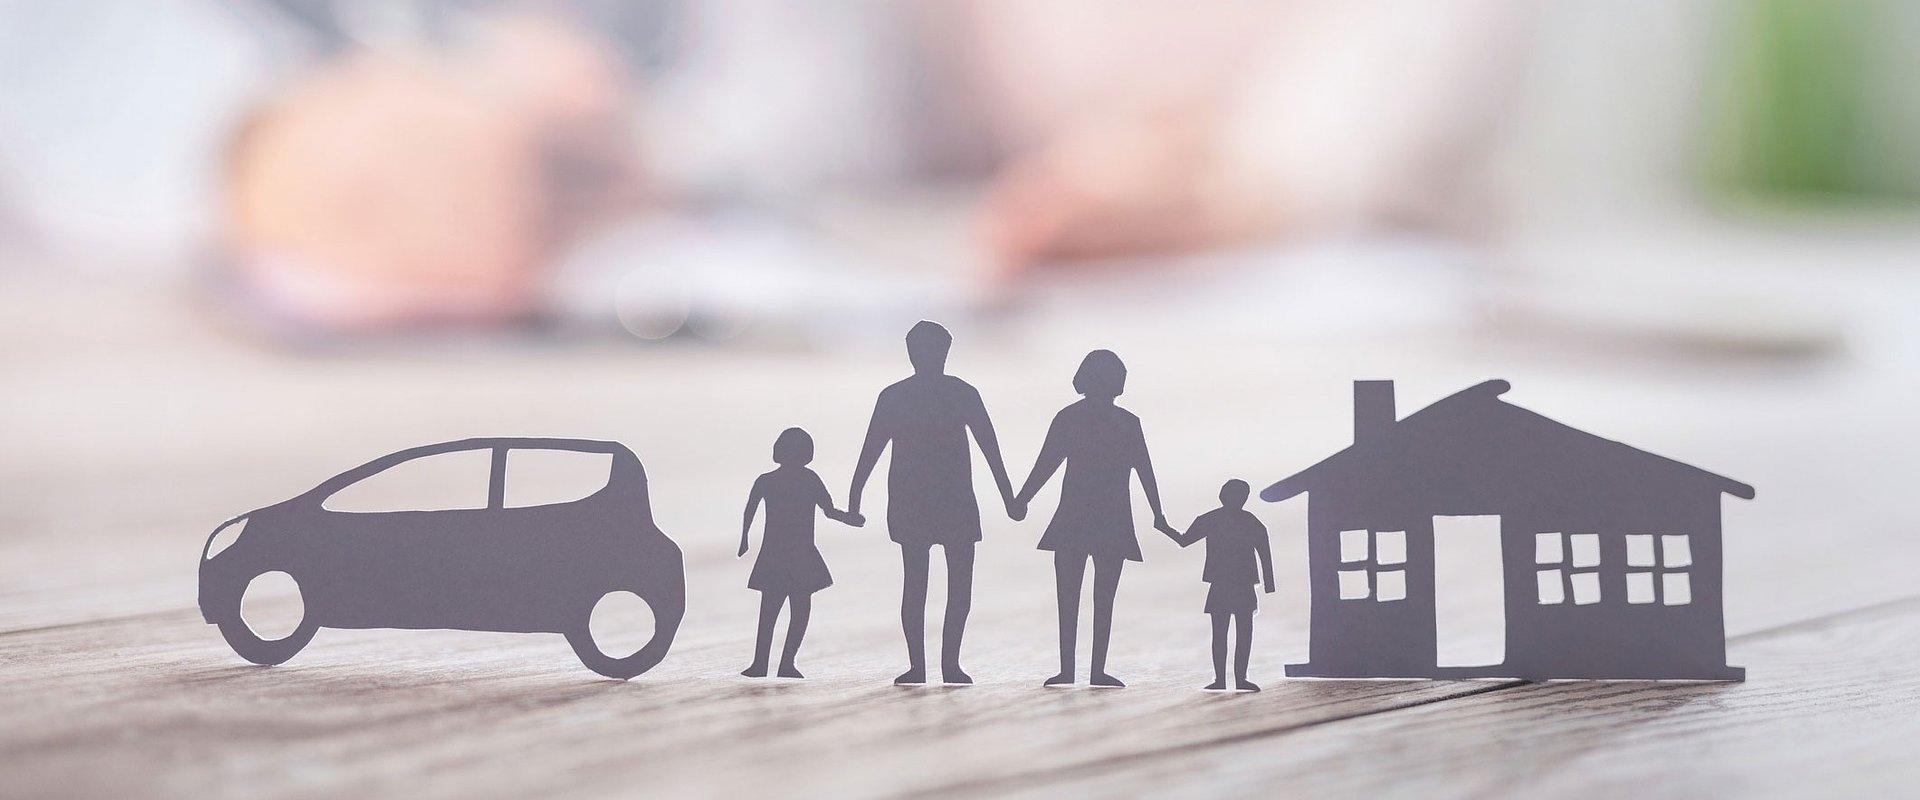 Ubezpieczenie na życie - ochrona dla Ciebie i Twojej rodziny